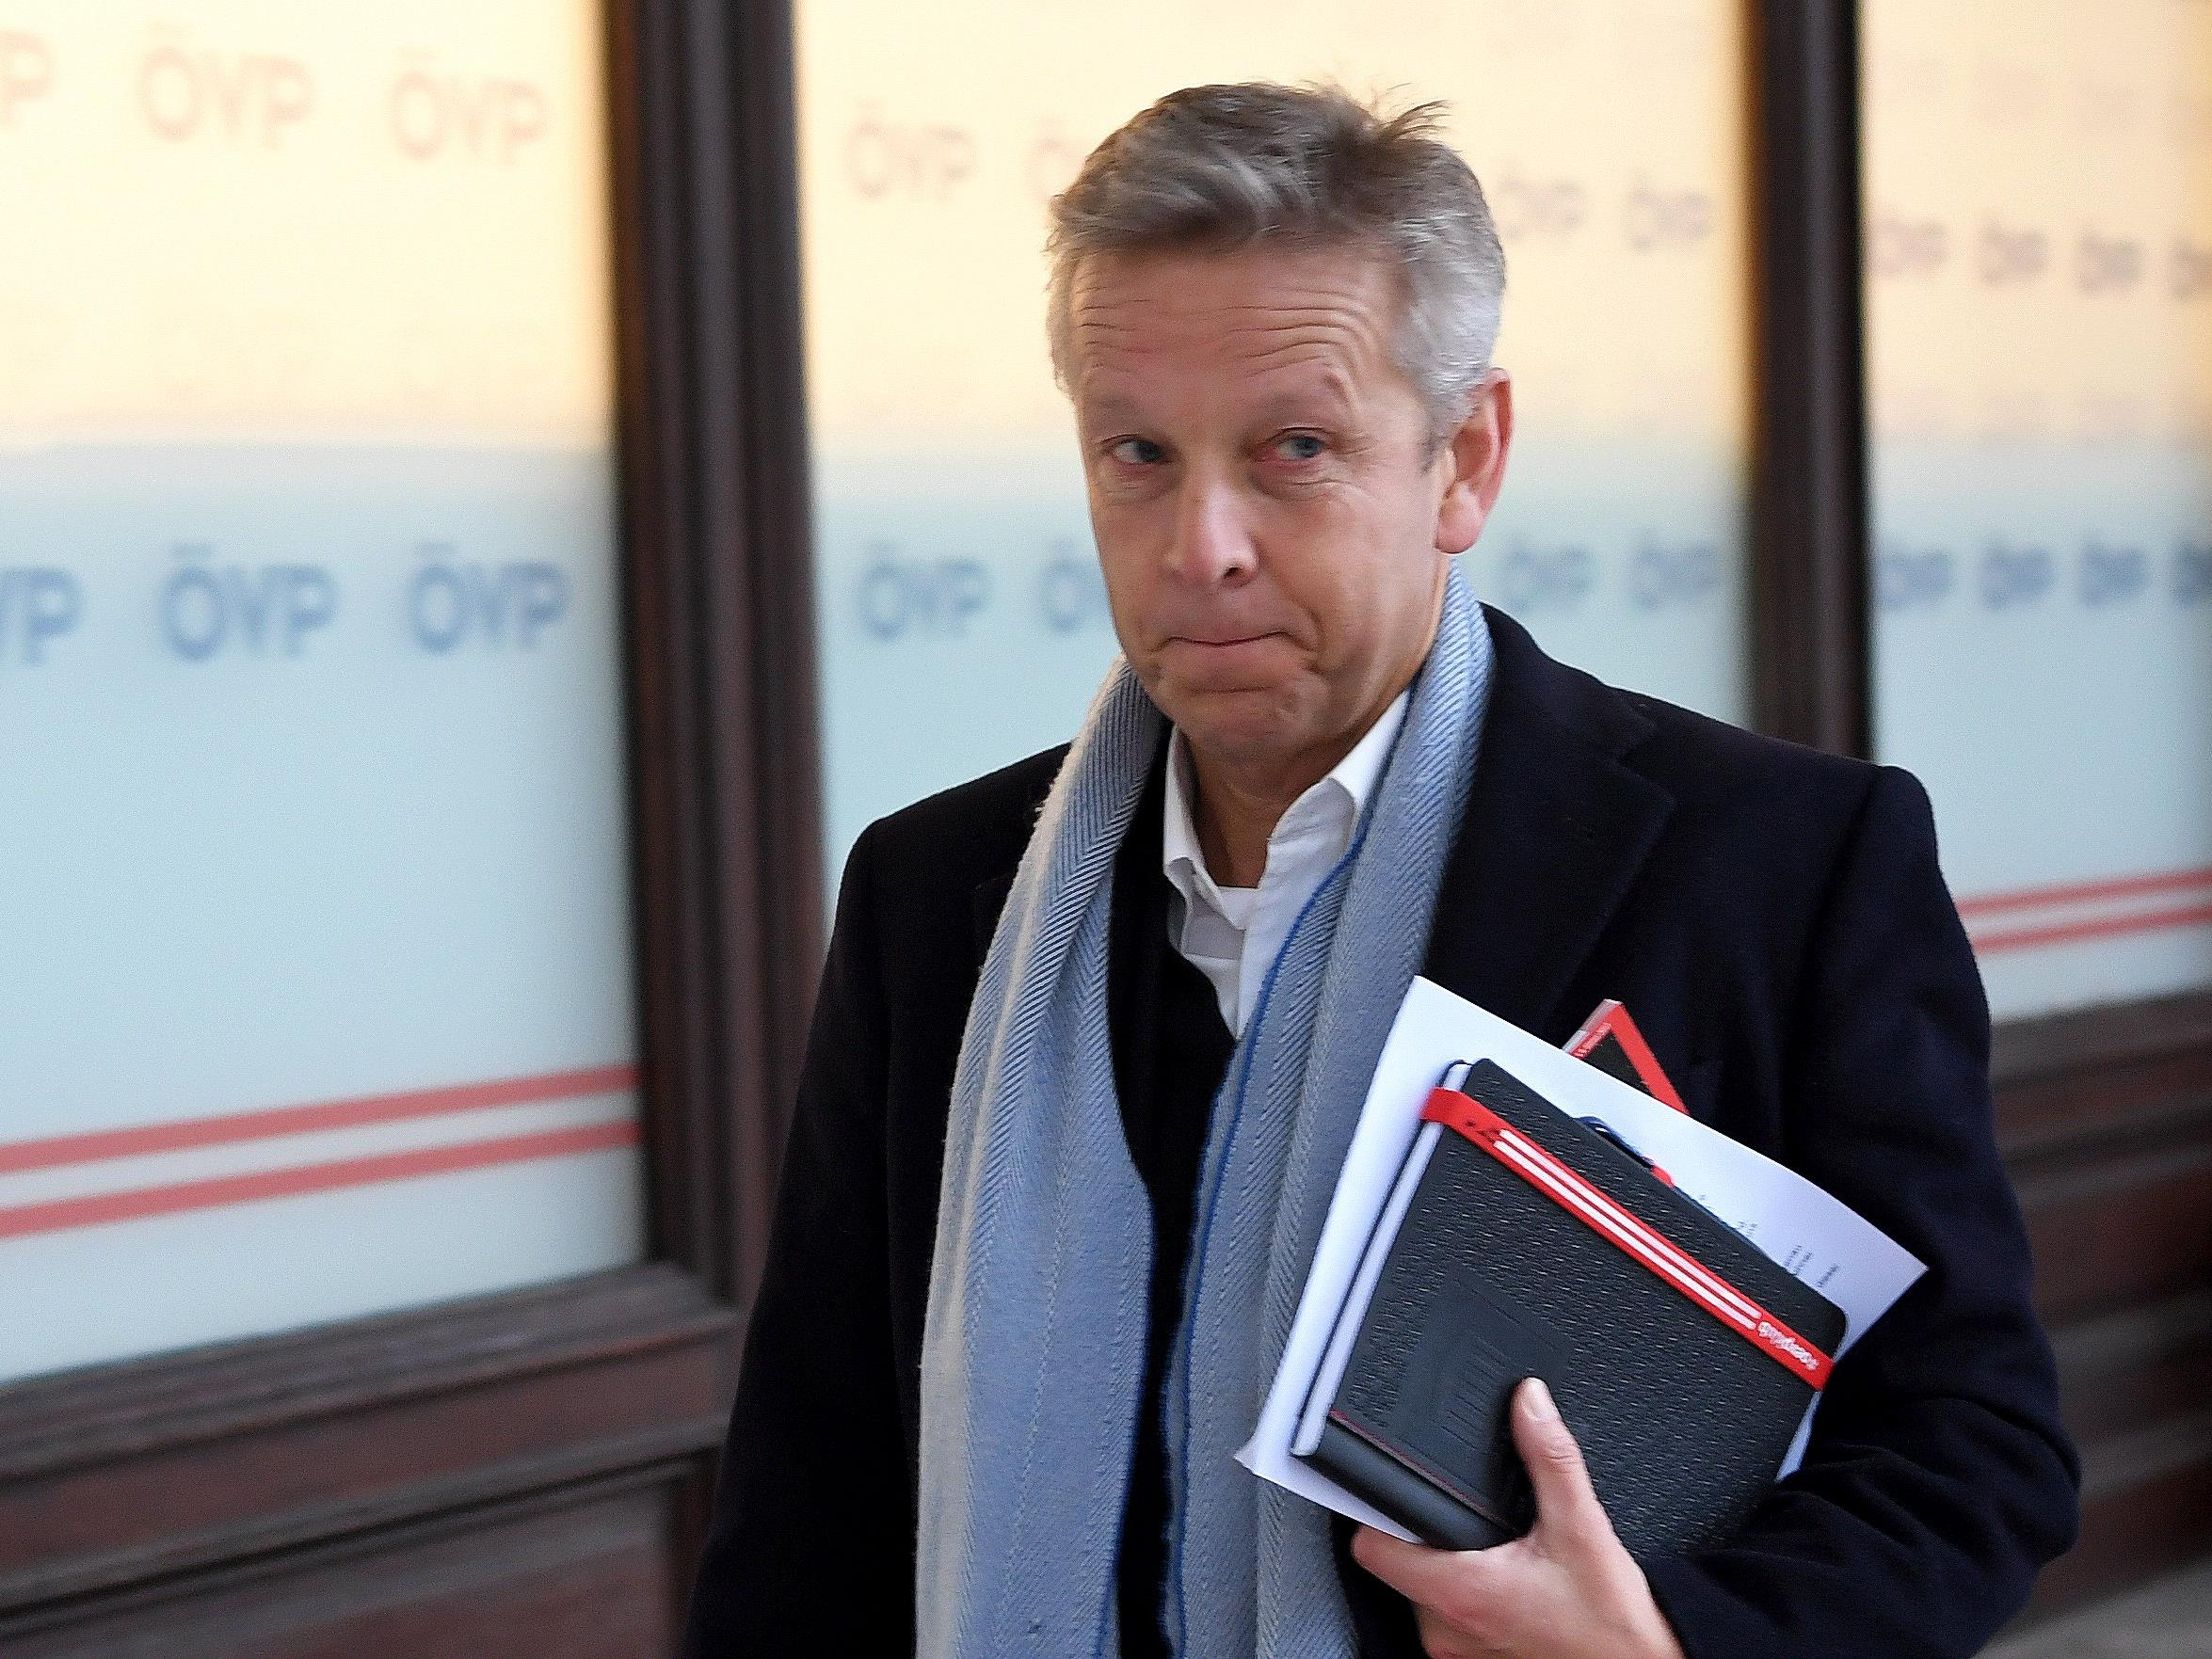 Das Verfahren gegen ÖVP-Klubchef Reinhold Lopatka wurde eingestellt